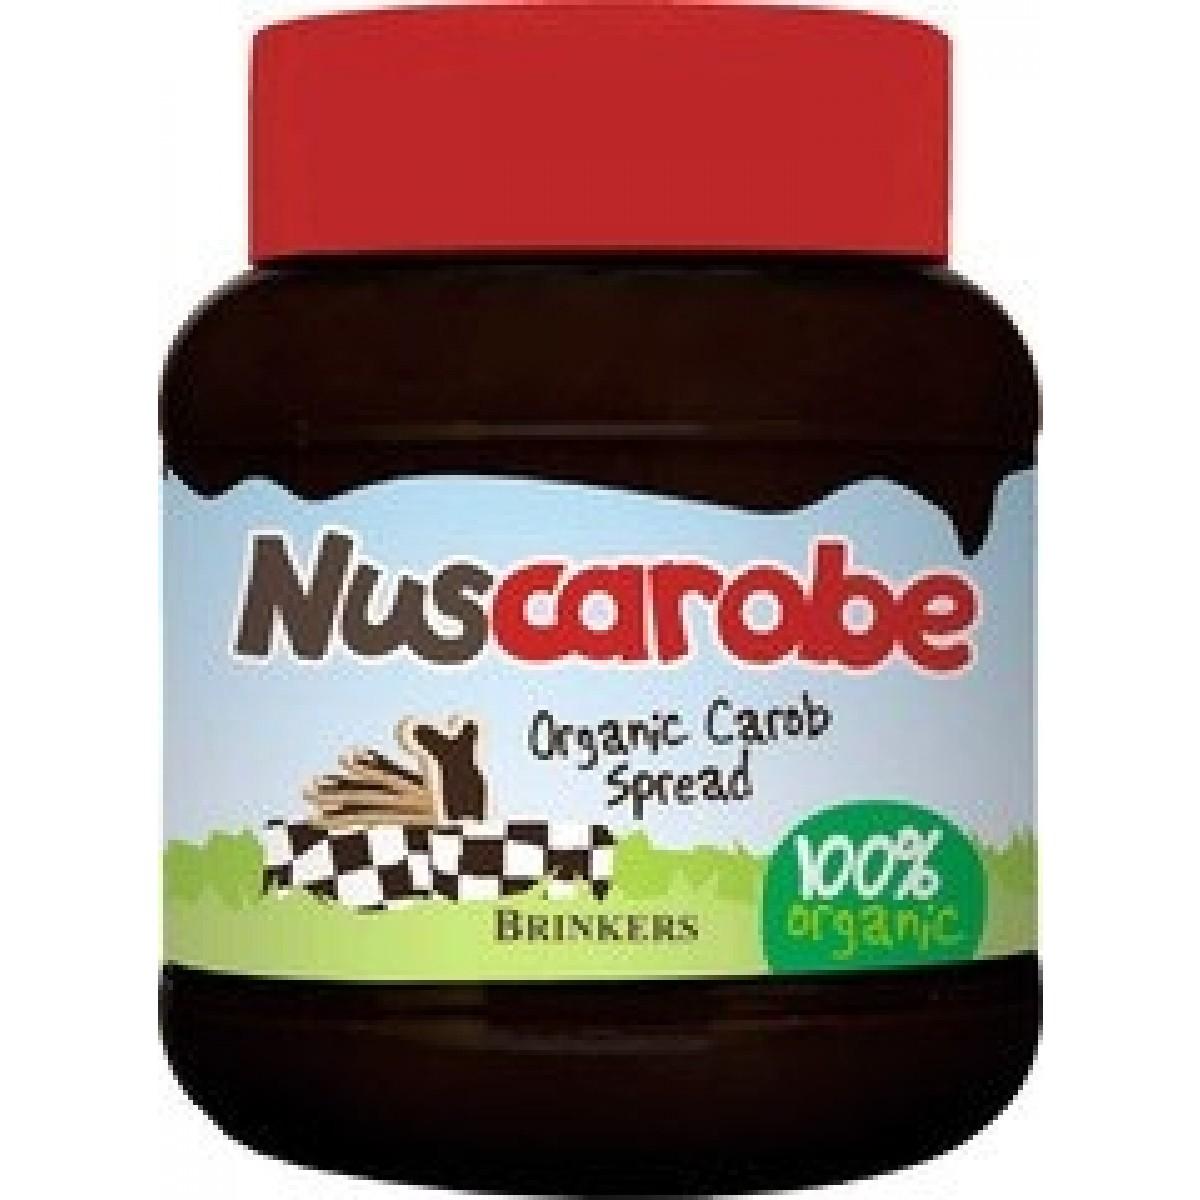 Nuscarobe Carobepasta